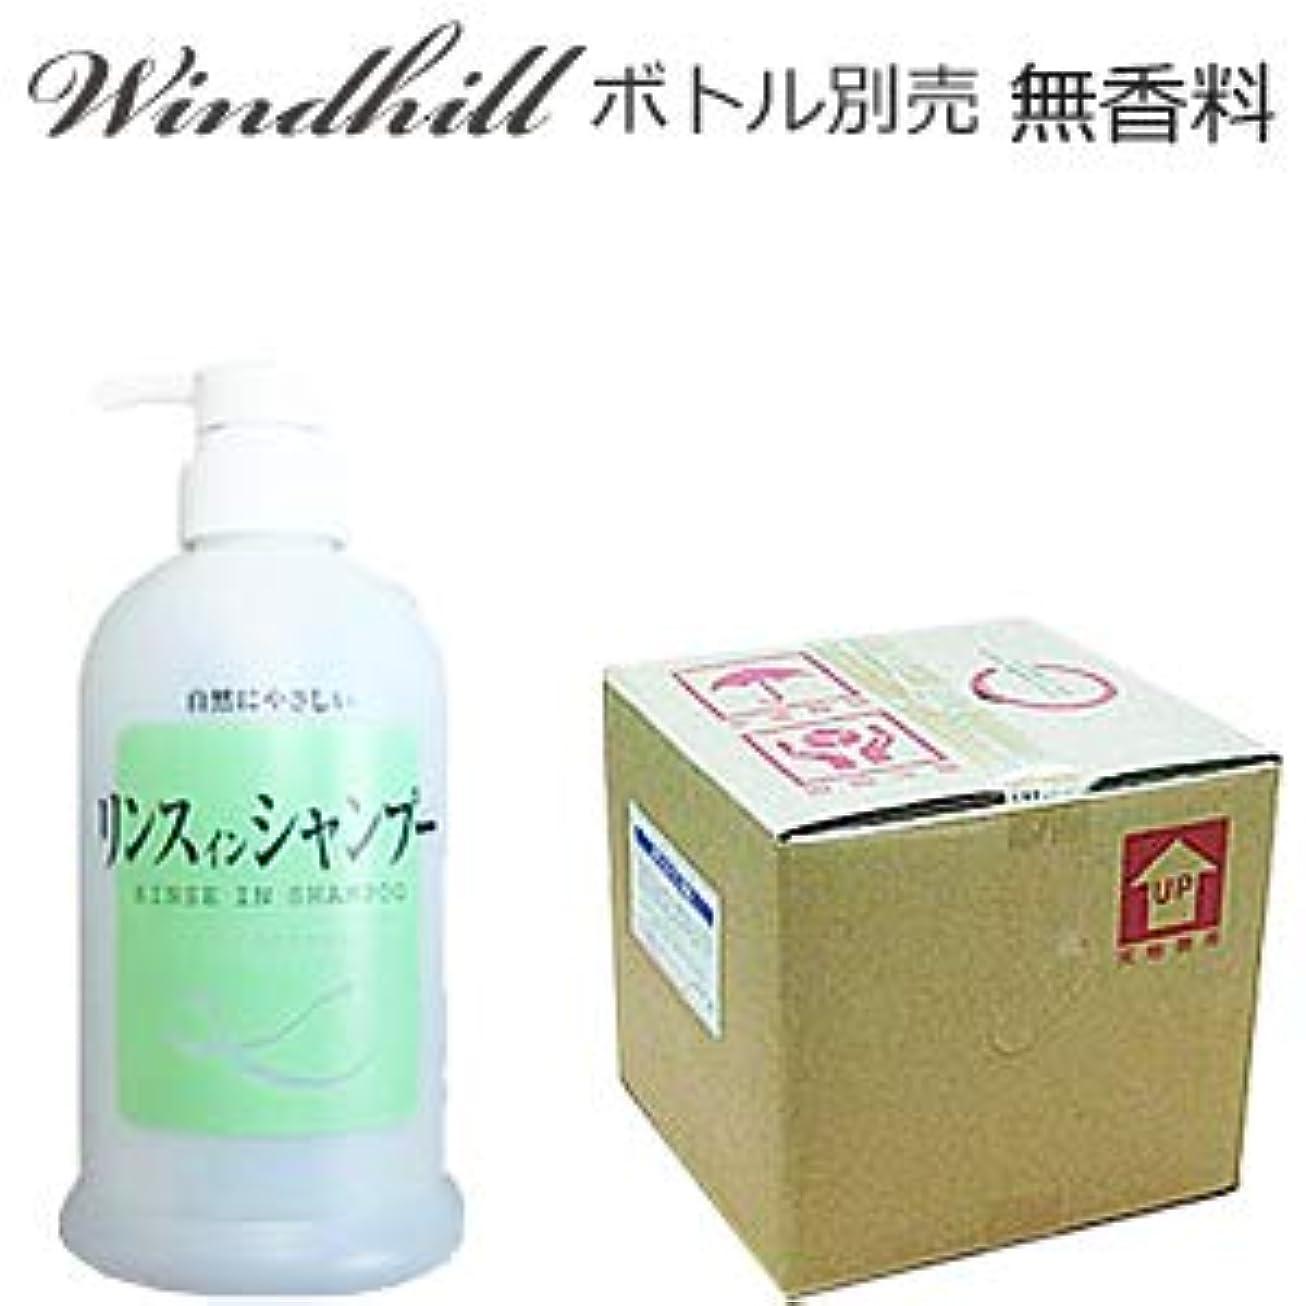 手入れイル静かにWindhill 植物性 業務用ボディソープ 無香料 20L(1セット20L入)